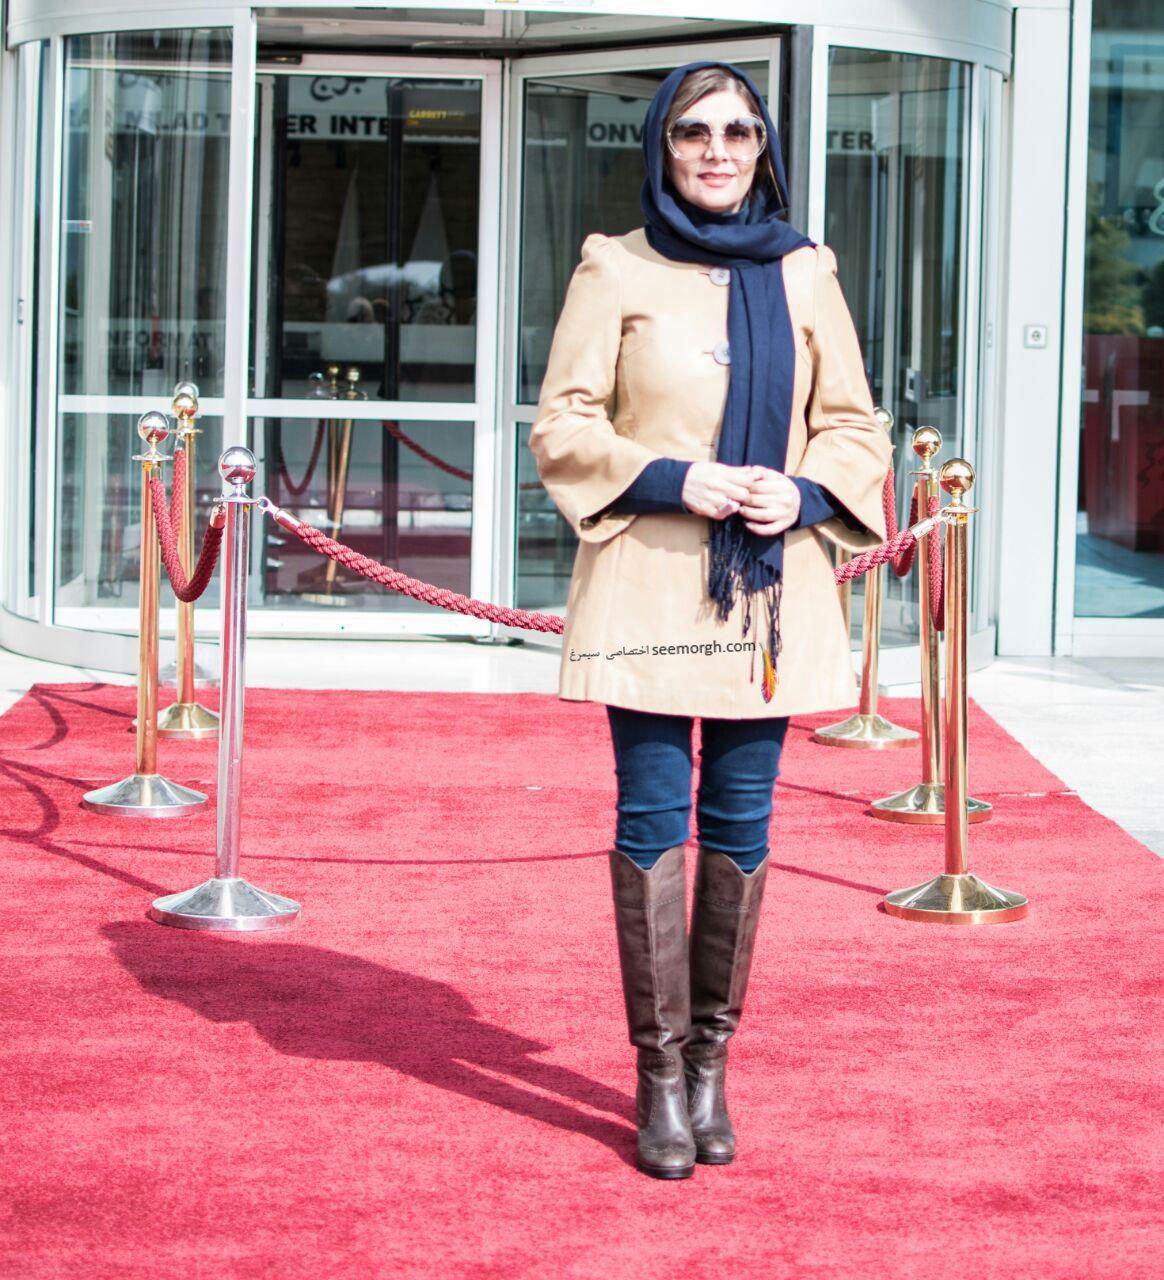 مدل لباس هنگامه قاضیانی روی فرش قرمز در سومین روز سی و چهارمین جشنواره فیلم فجر